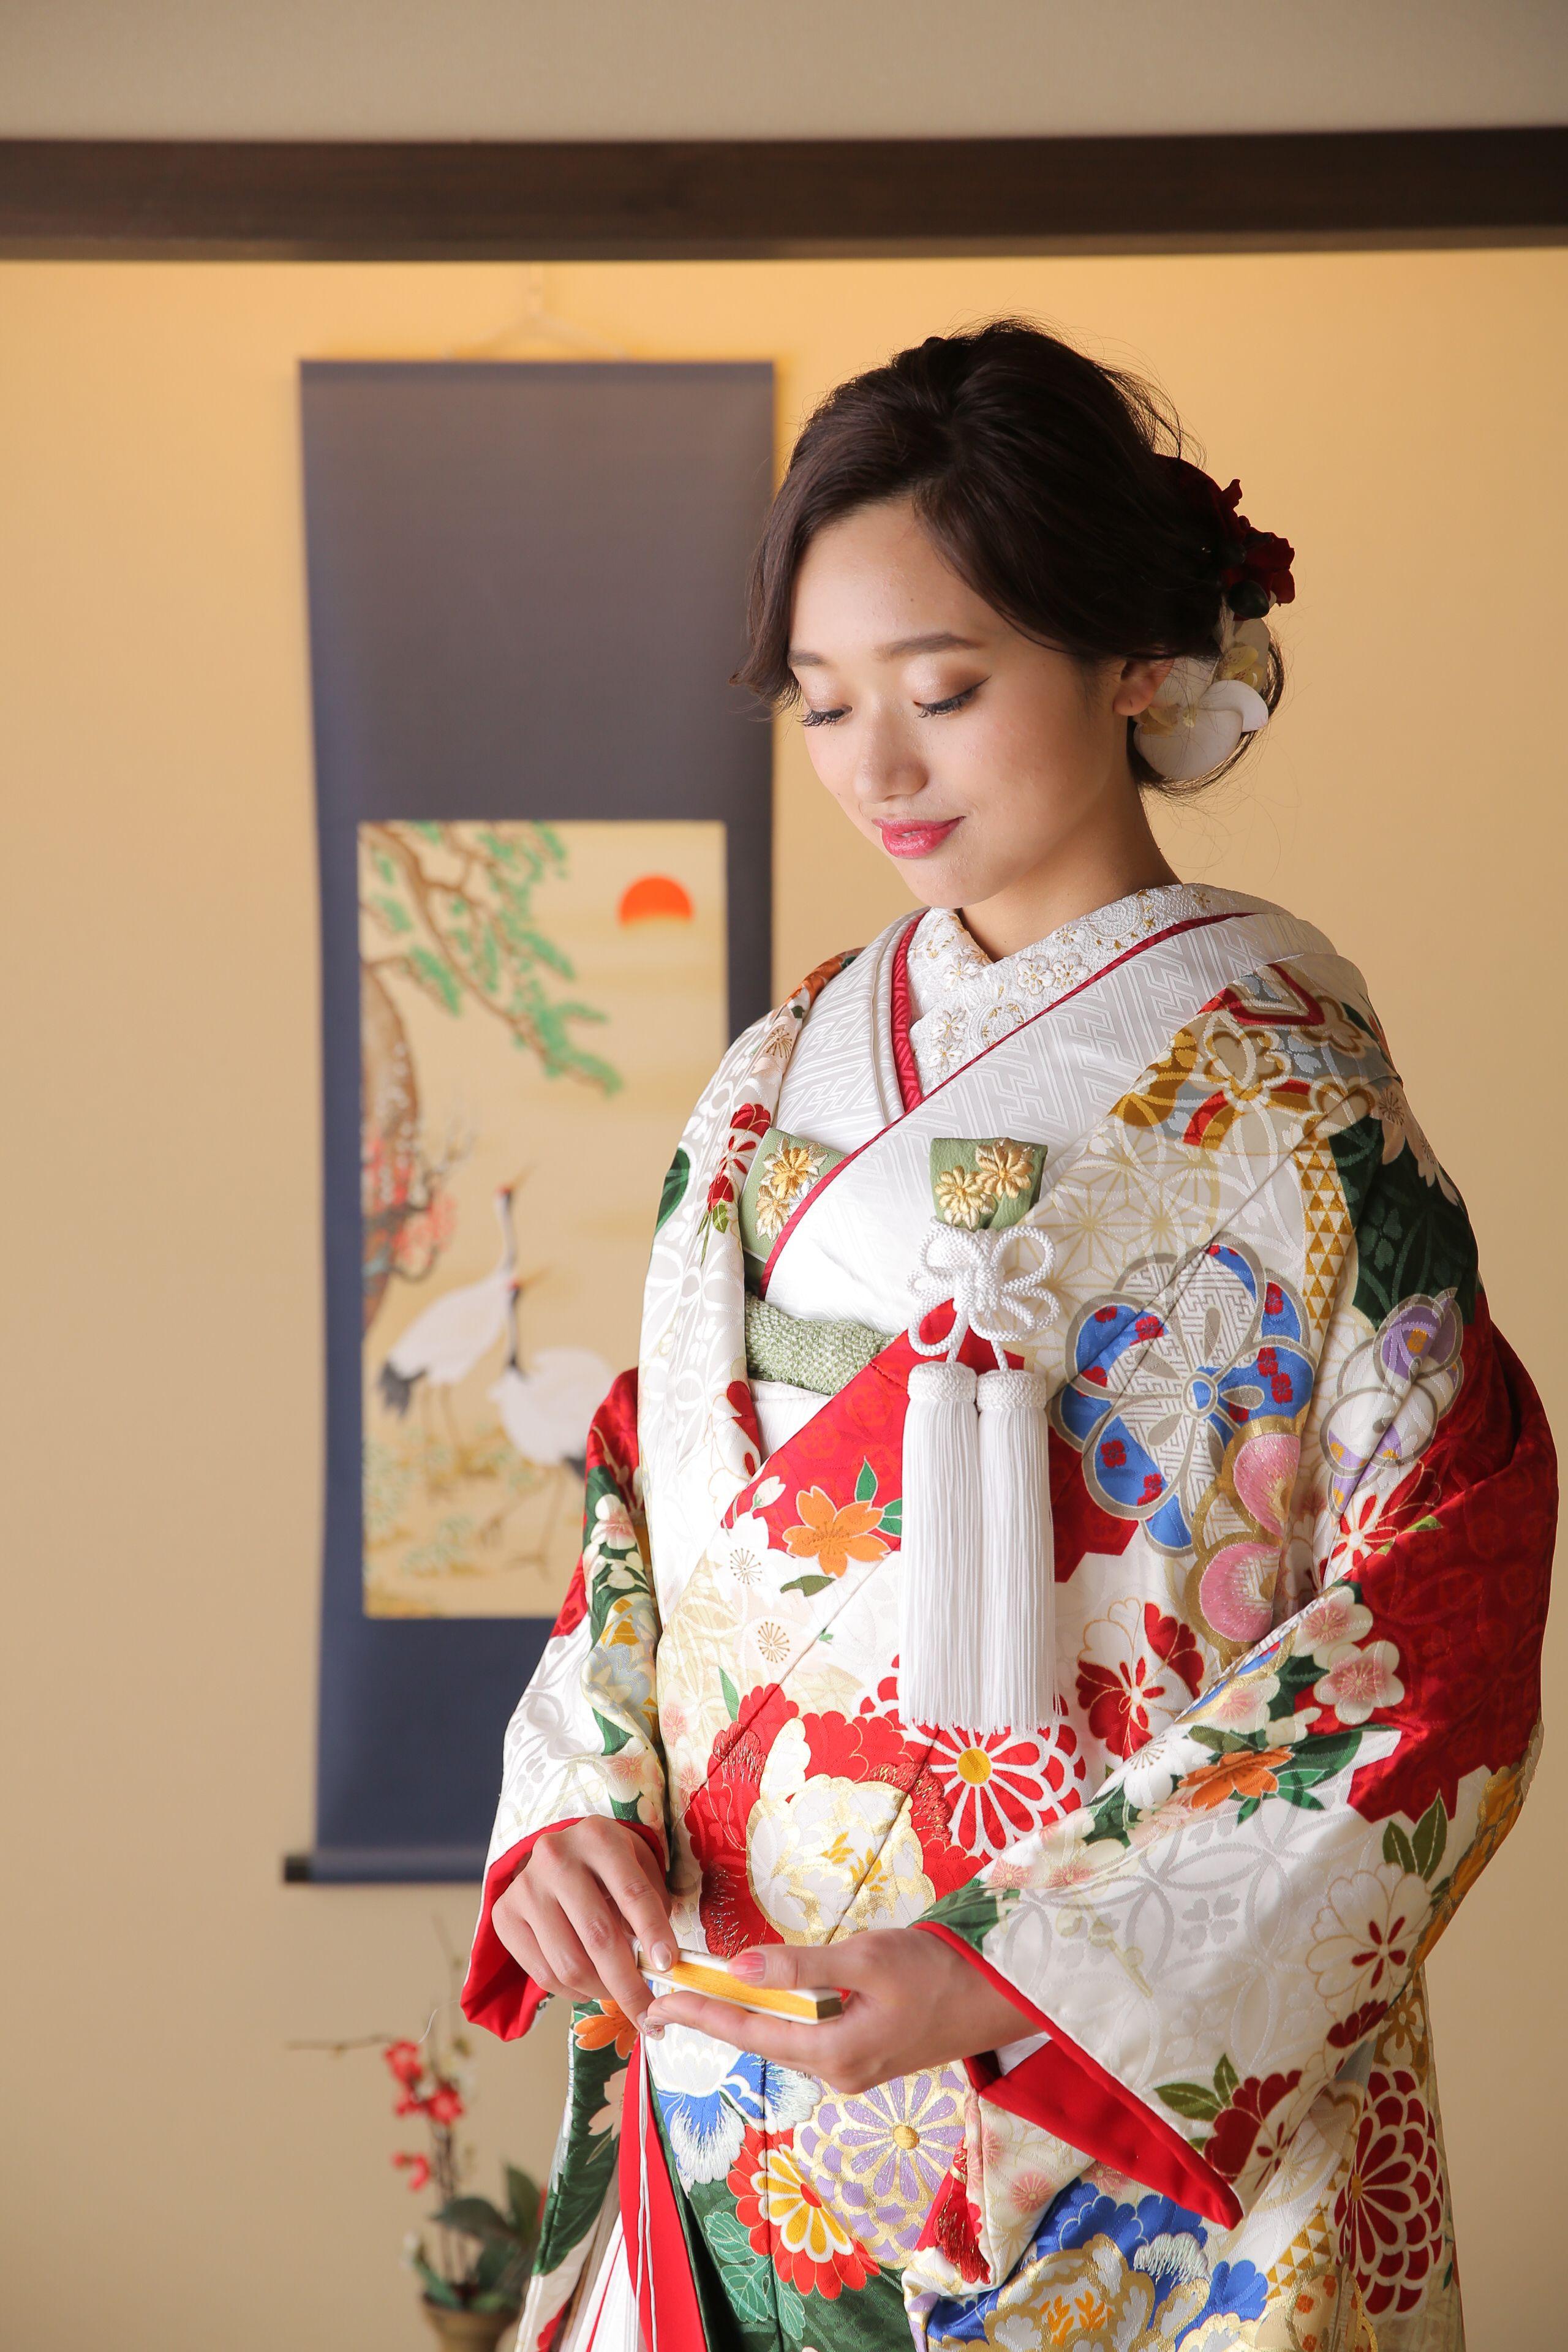 色打掛での前撮り 和室に美しいお着物が映える 花嫁衣装 色打掛